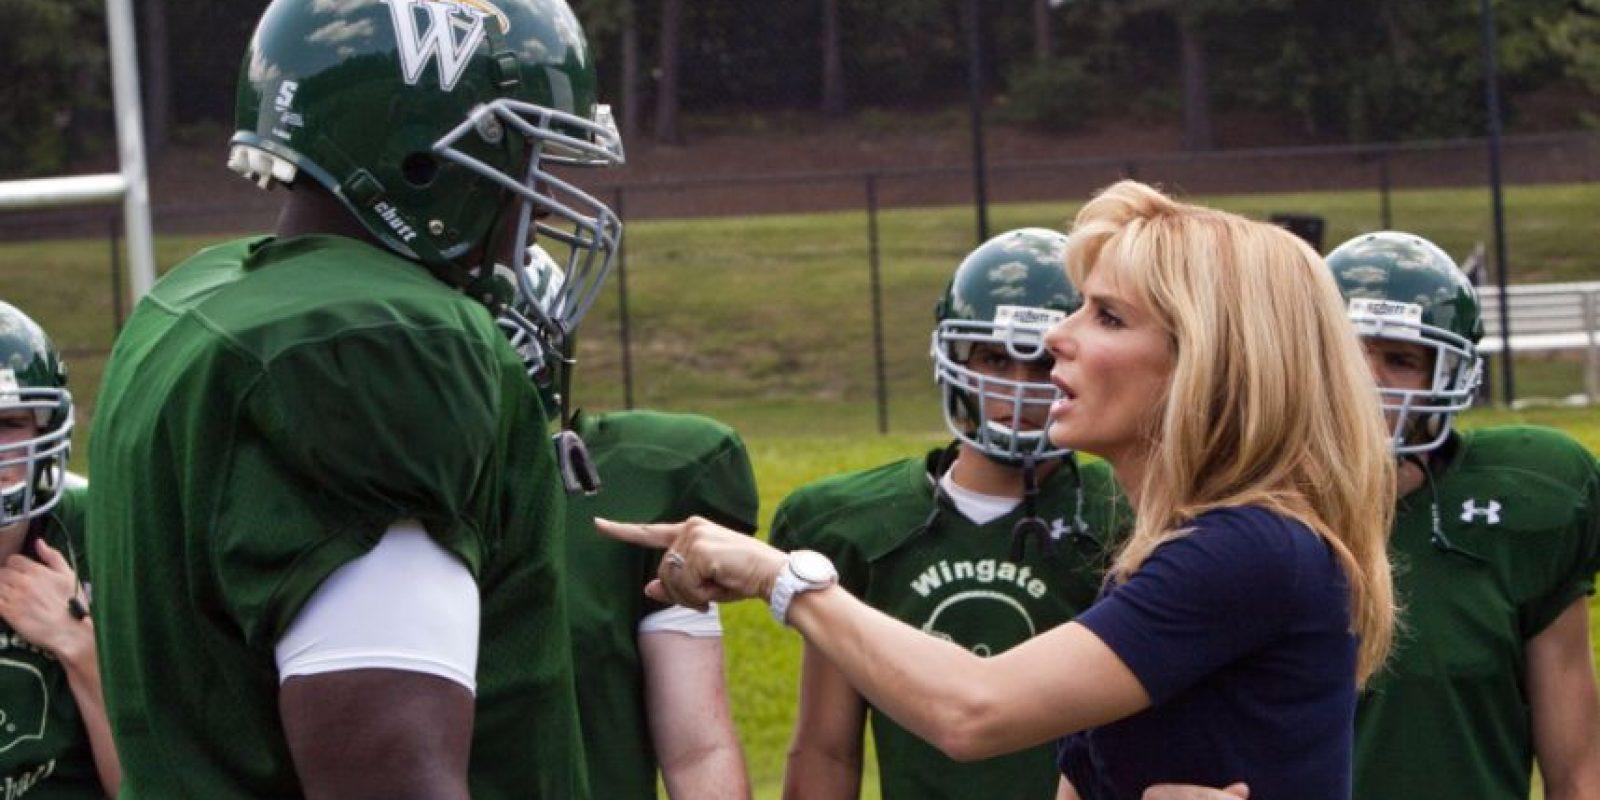 Con la actuación estelar de Sandra Bullock, el filme narra la historia real del jugador de la NFL, Michael Oher. El defensivo de los Cuervos de Baltimore, después de vivir una infancia pobre en los suburbios de Memphis, fue acogido por una familia con recursos, que lo adoptó hasta que triunfó en el emparrillado. Foto:Alcon Entertainment